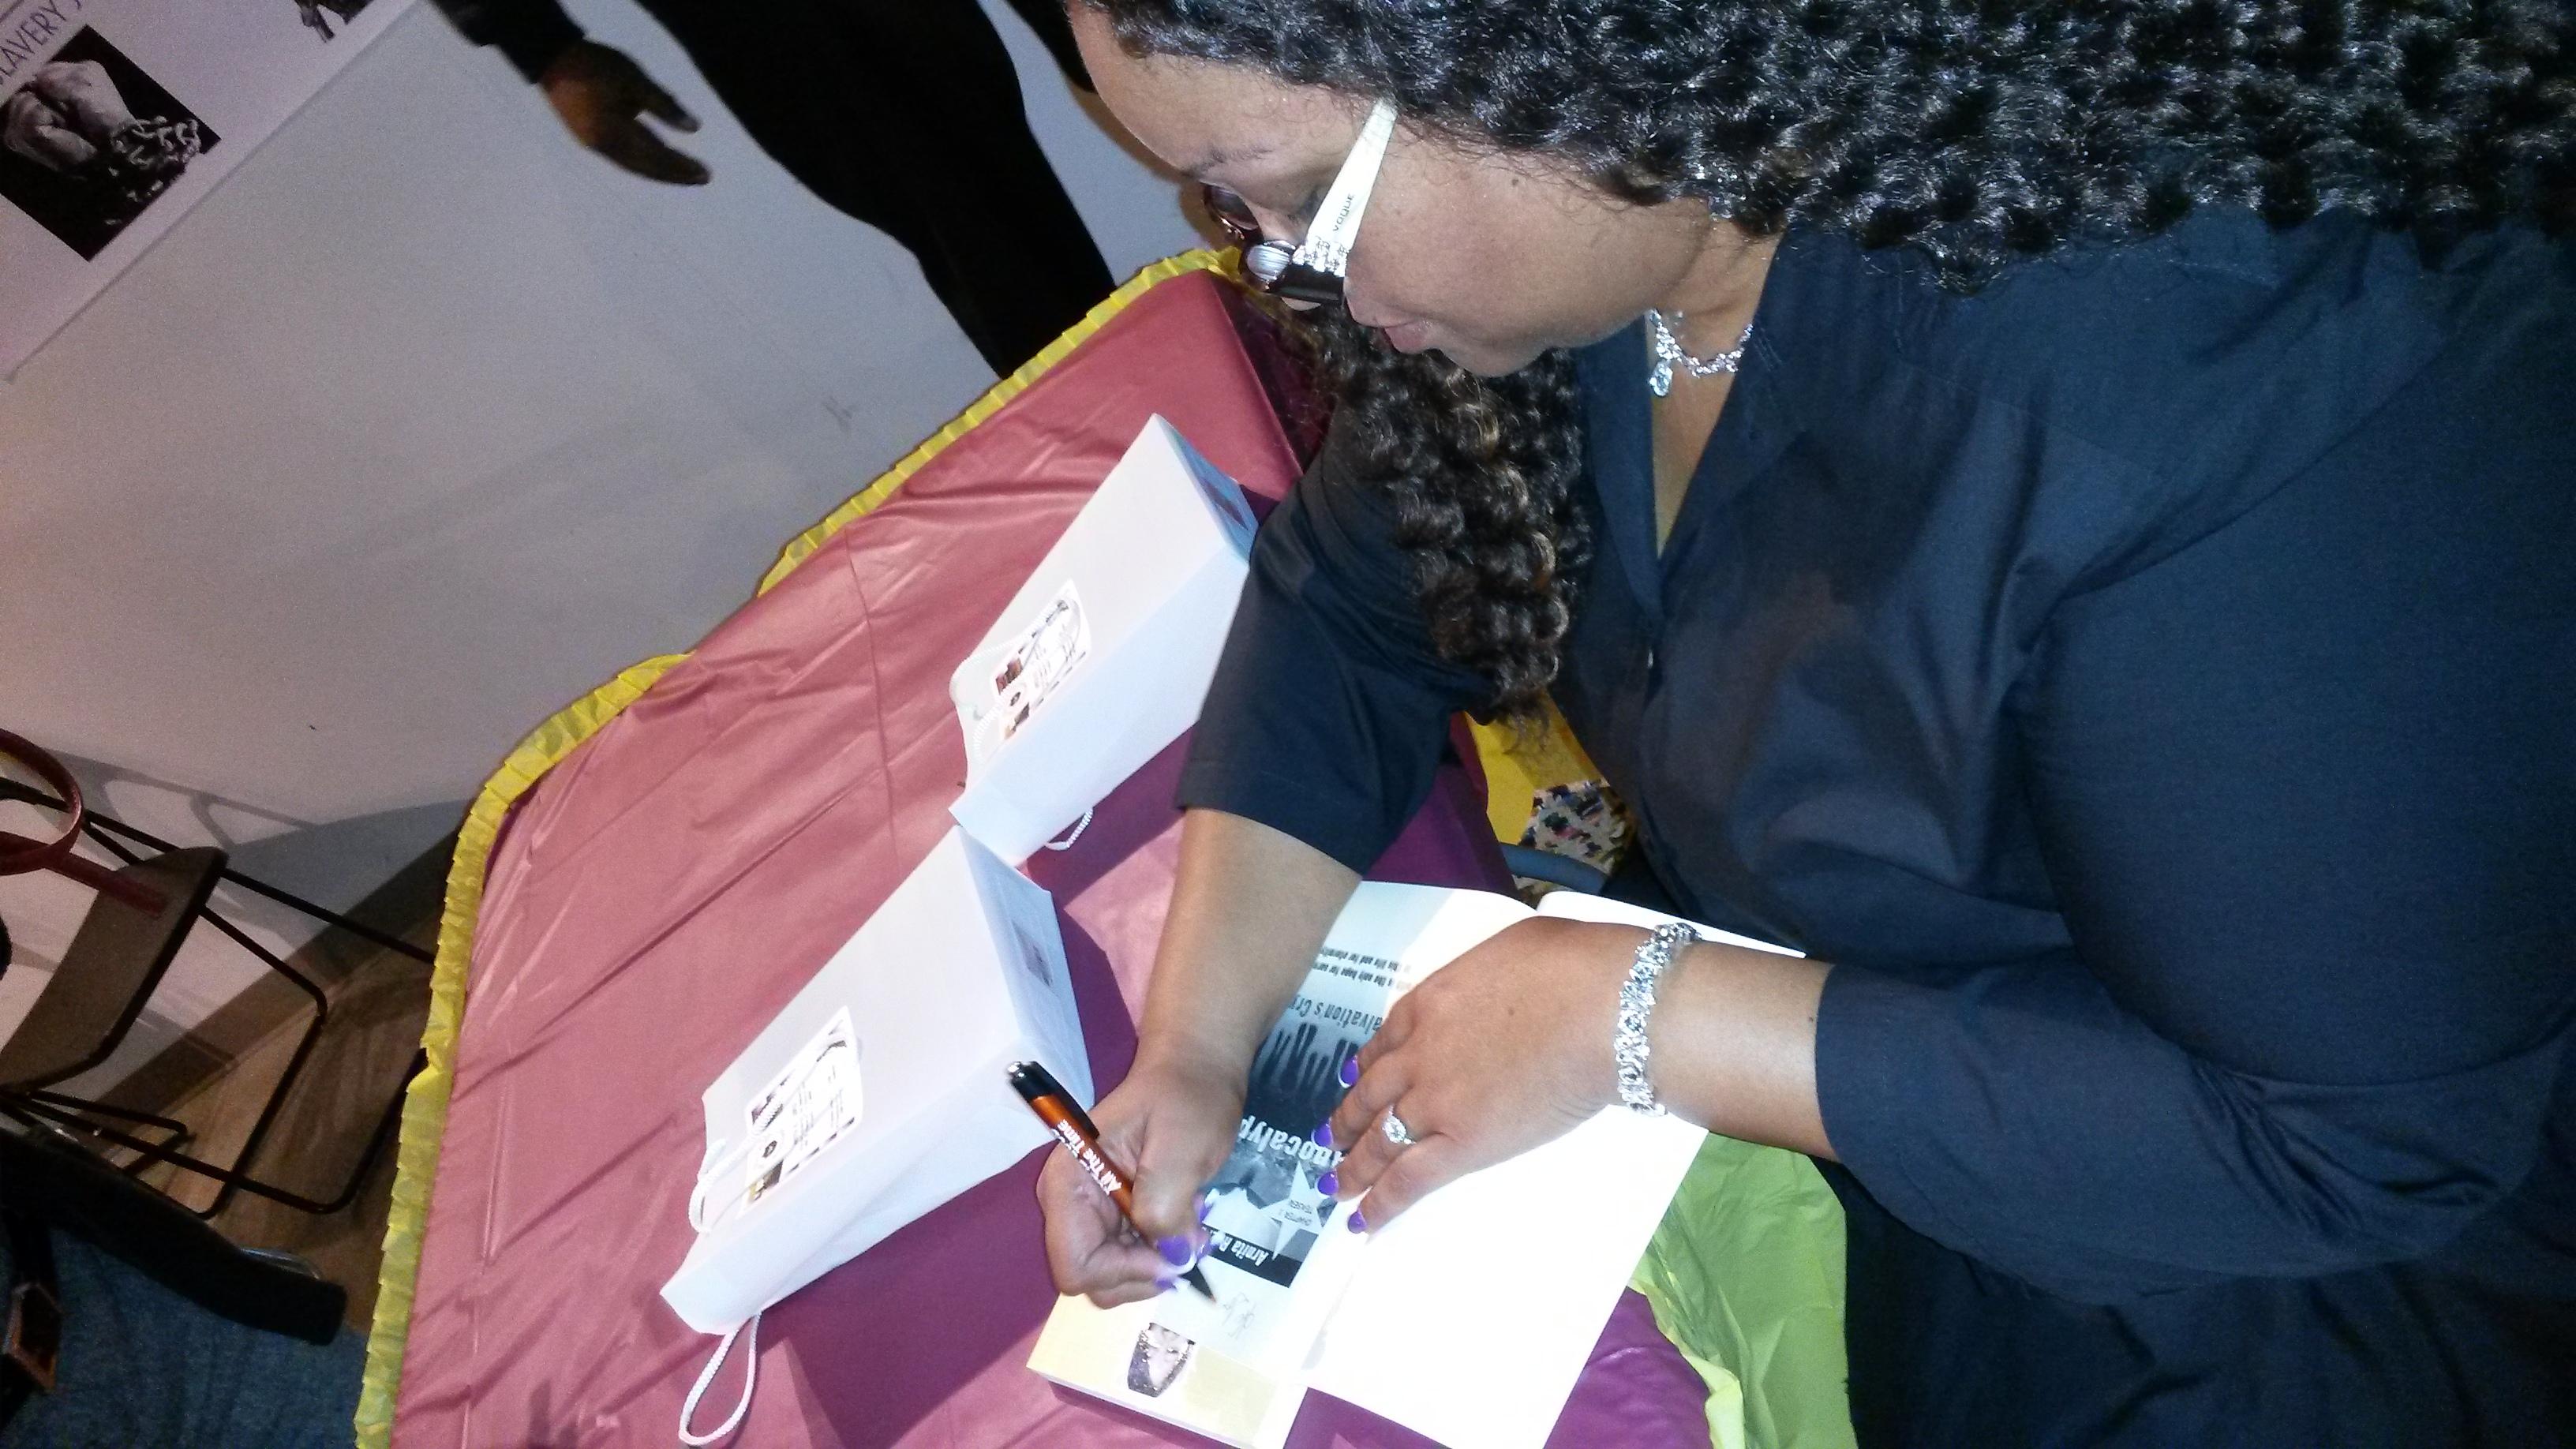 Nita Nae Signing Books 4